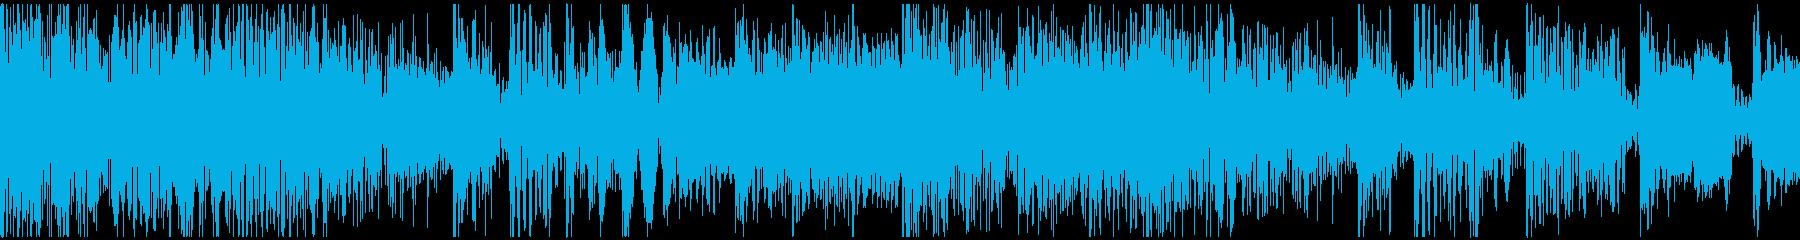 ループ。オシャレエレピ。アンビエント風。の再生済みの波形